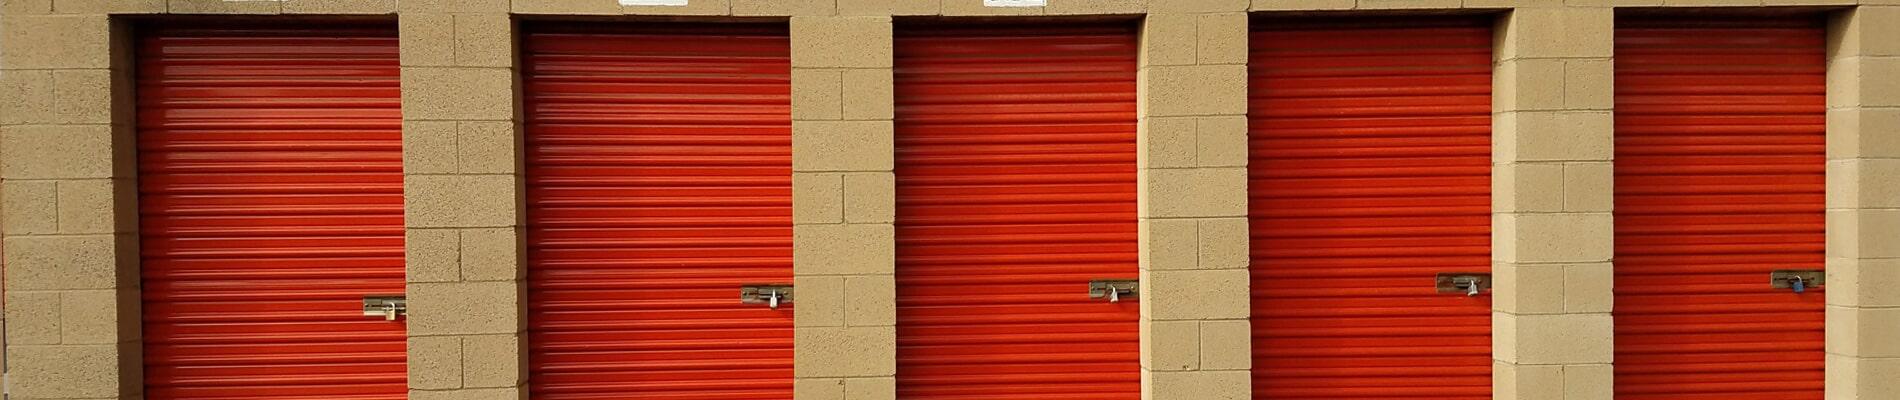 Self Storage | Brea, California | Brea U Store